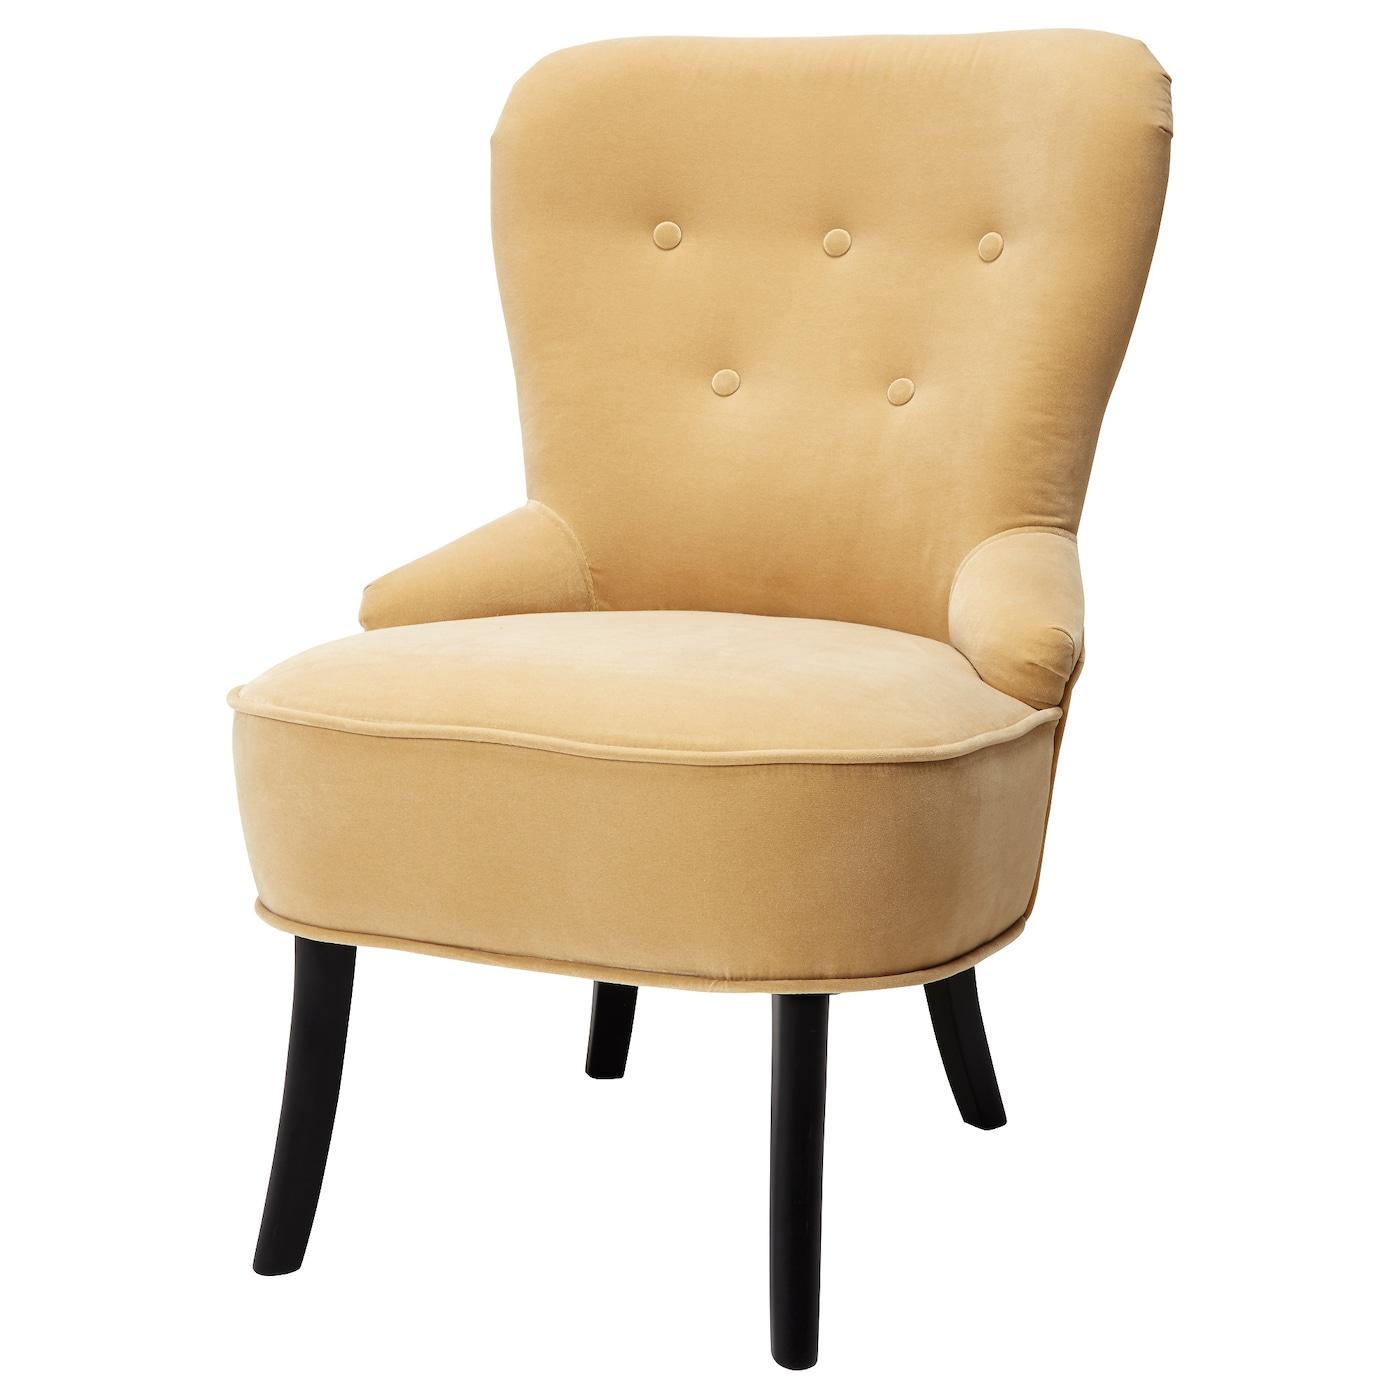 IKEA REMSTA żółtobeżowy fotel w aksamitnym pokryciu